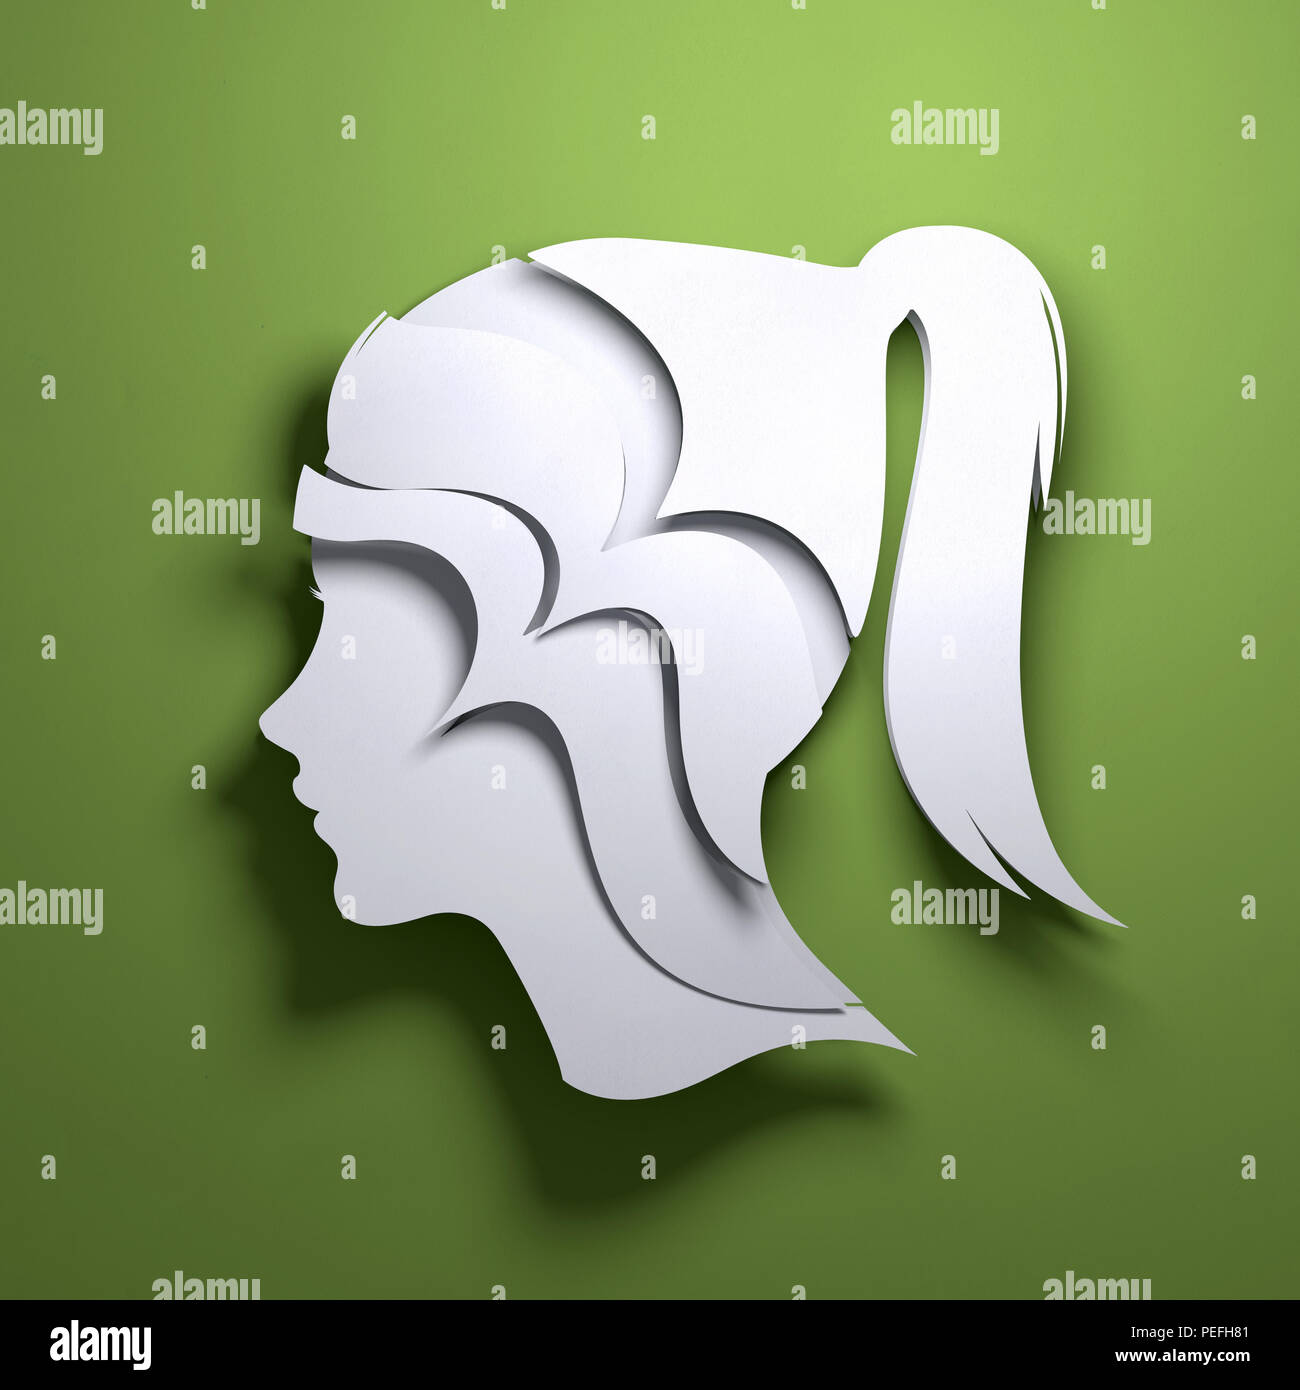 Gefaltetes Papier kunst Origami. Die Silhouette eines Menschen. Konzeptionelle Vergegenwärtigung 3D-Abbildung. Stockbild